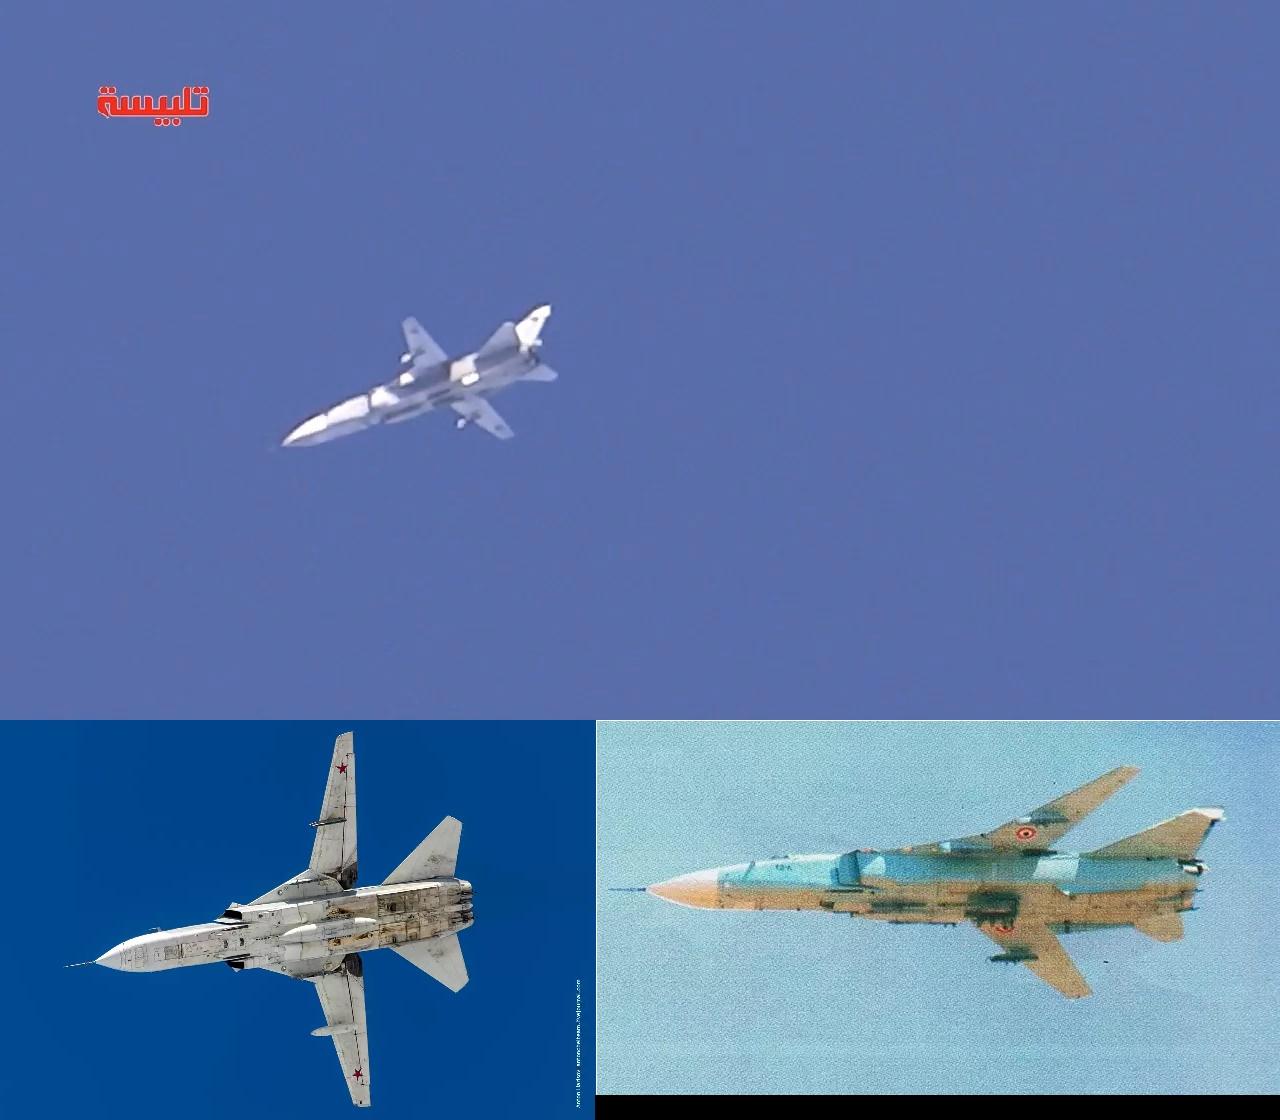 Вверху: кадр видео от 28 февраля; слева внизу: Су-24 ВКС РФ (источник); справа внизу: Су-24 ВВС Сирии (источник)